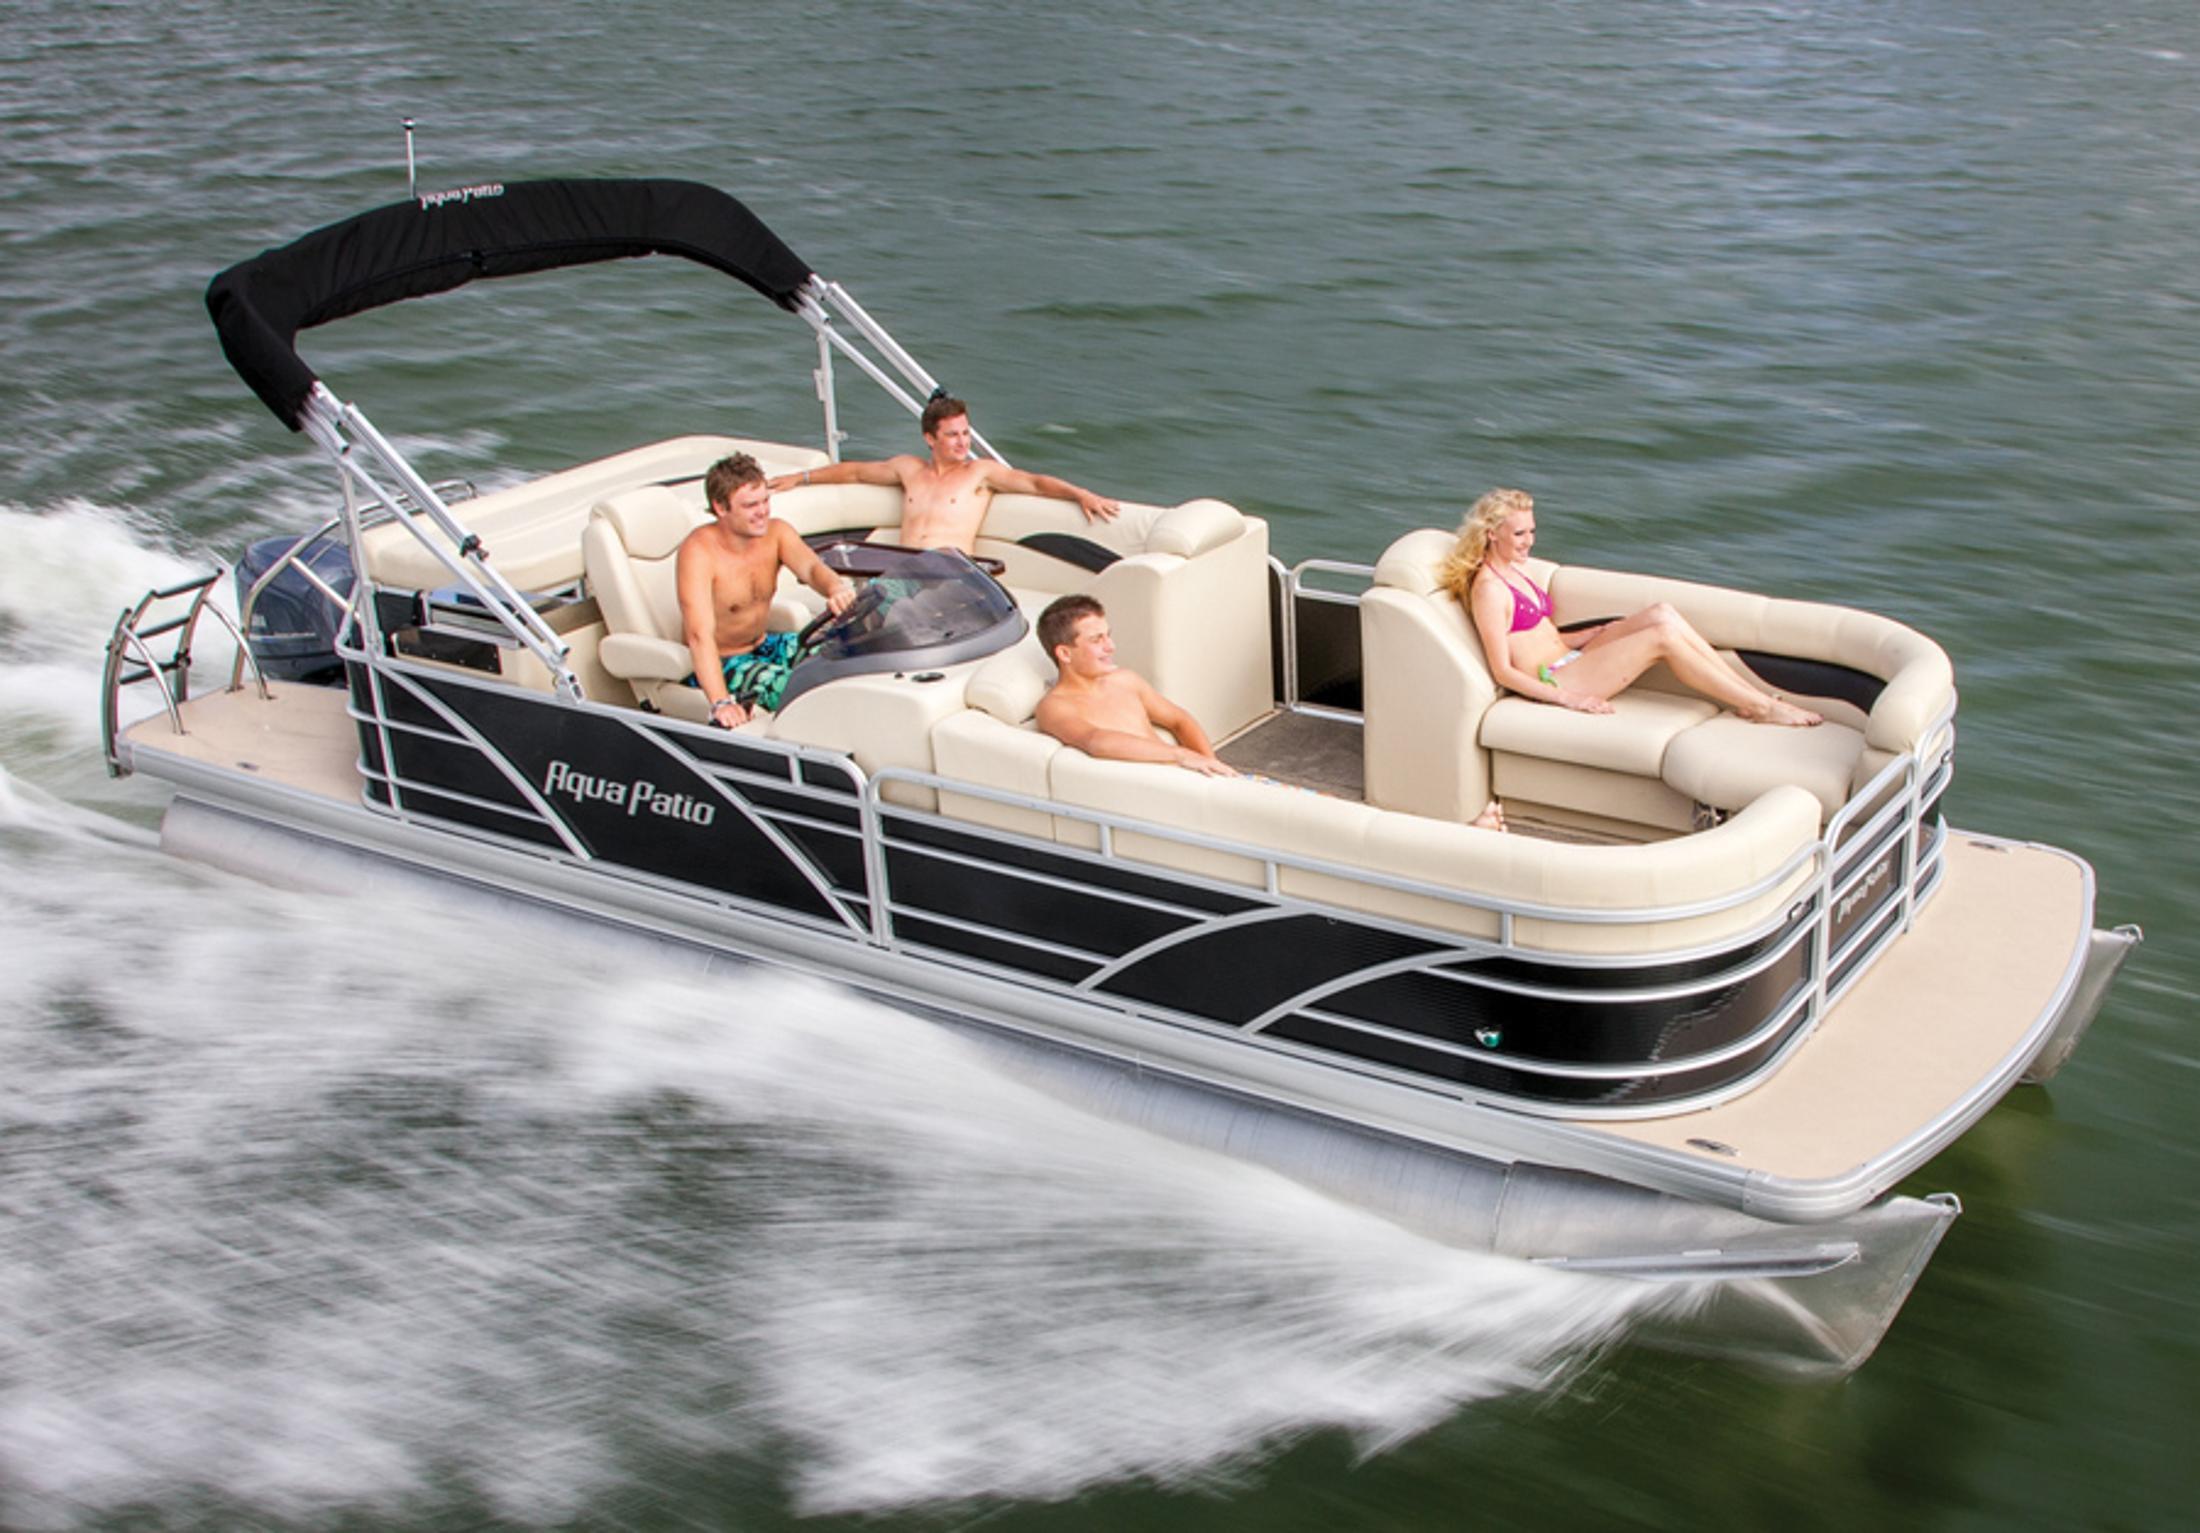 New 2014 Aqua Patio 240 4 AD Power Boats Inboard in Kalamazoo MI